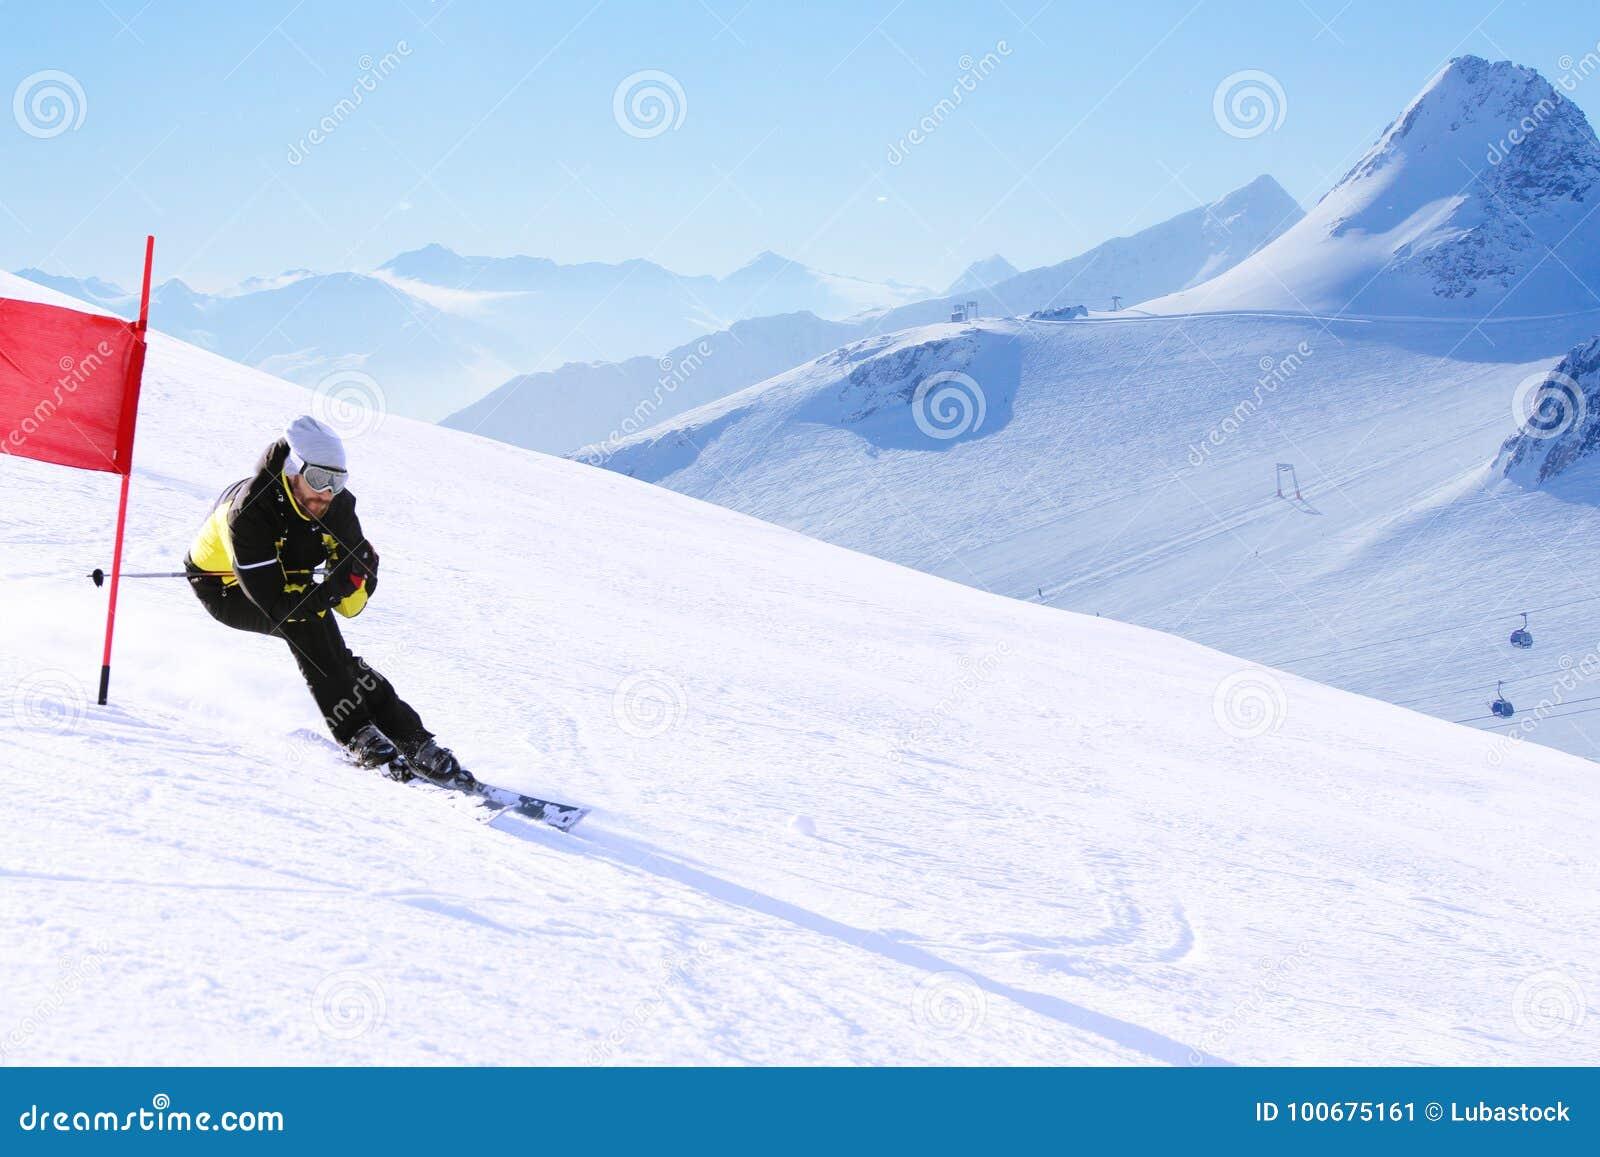 Download Giant Slalom ski racer stock image. Image of alpine - 100675161